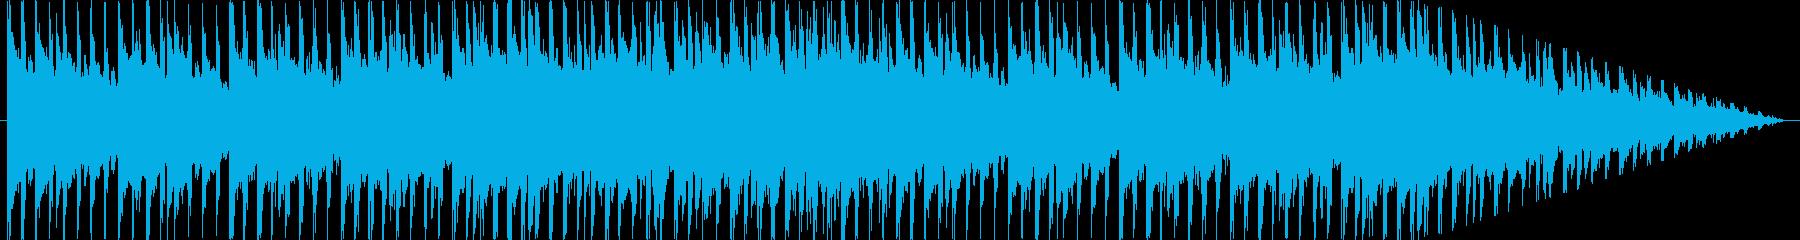 コマーシャル用の音楽。テレビのバッ...の再生済みの波形